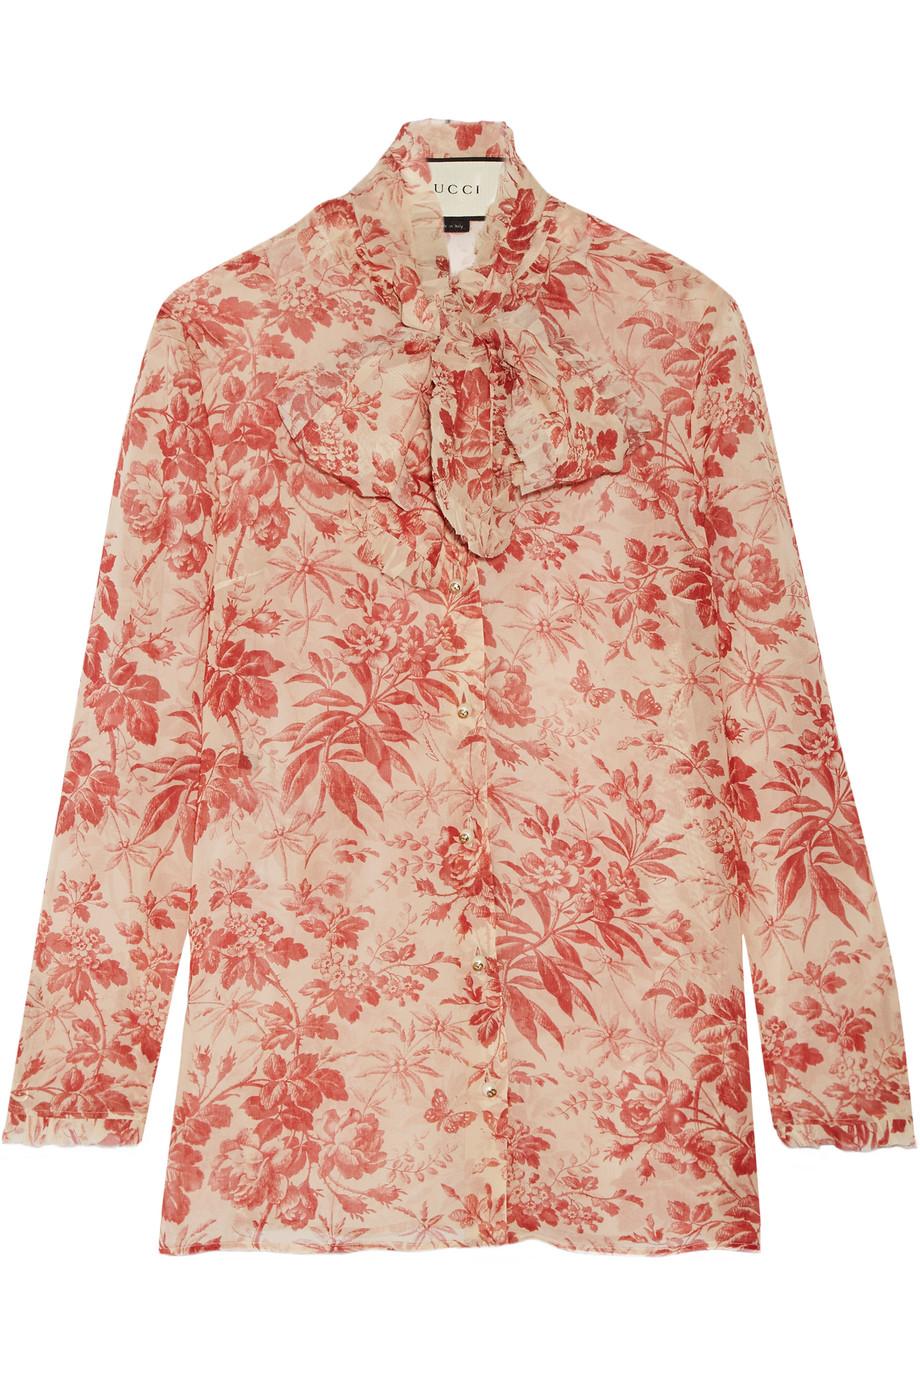 Gucci Pussy-Bow Printed Silk-Chiffon Blouse, Size: 44